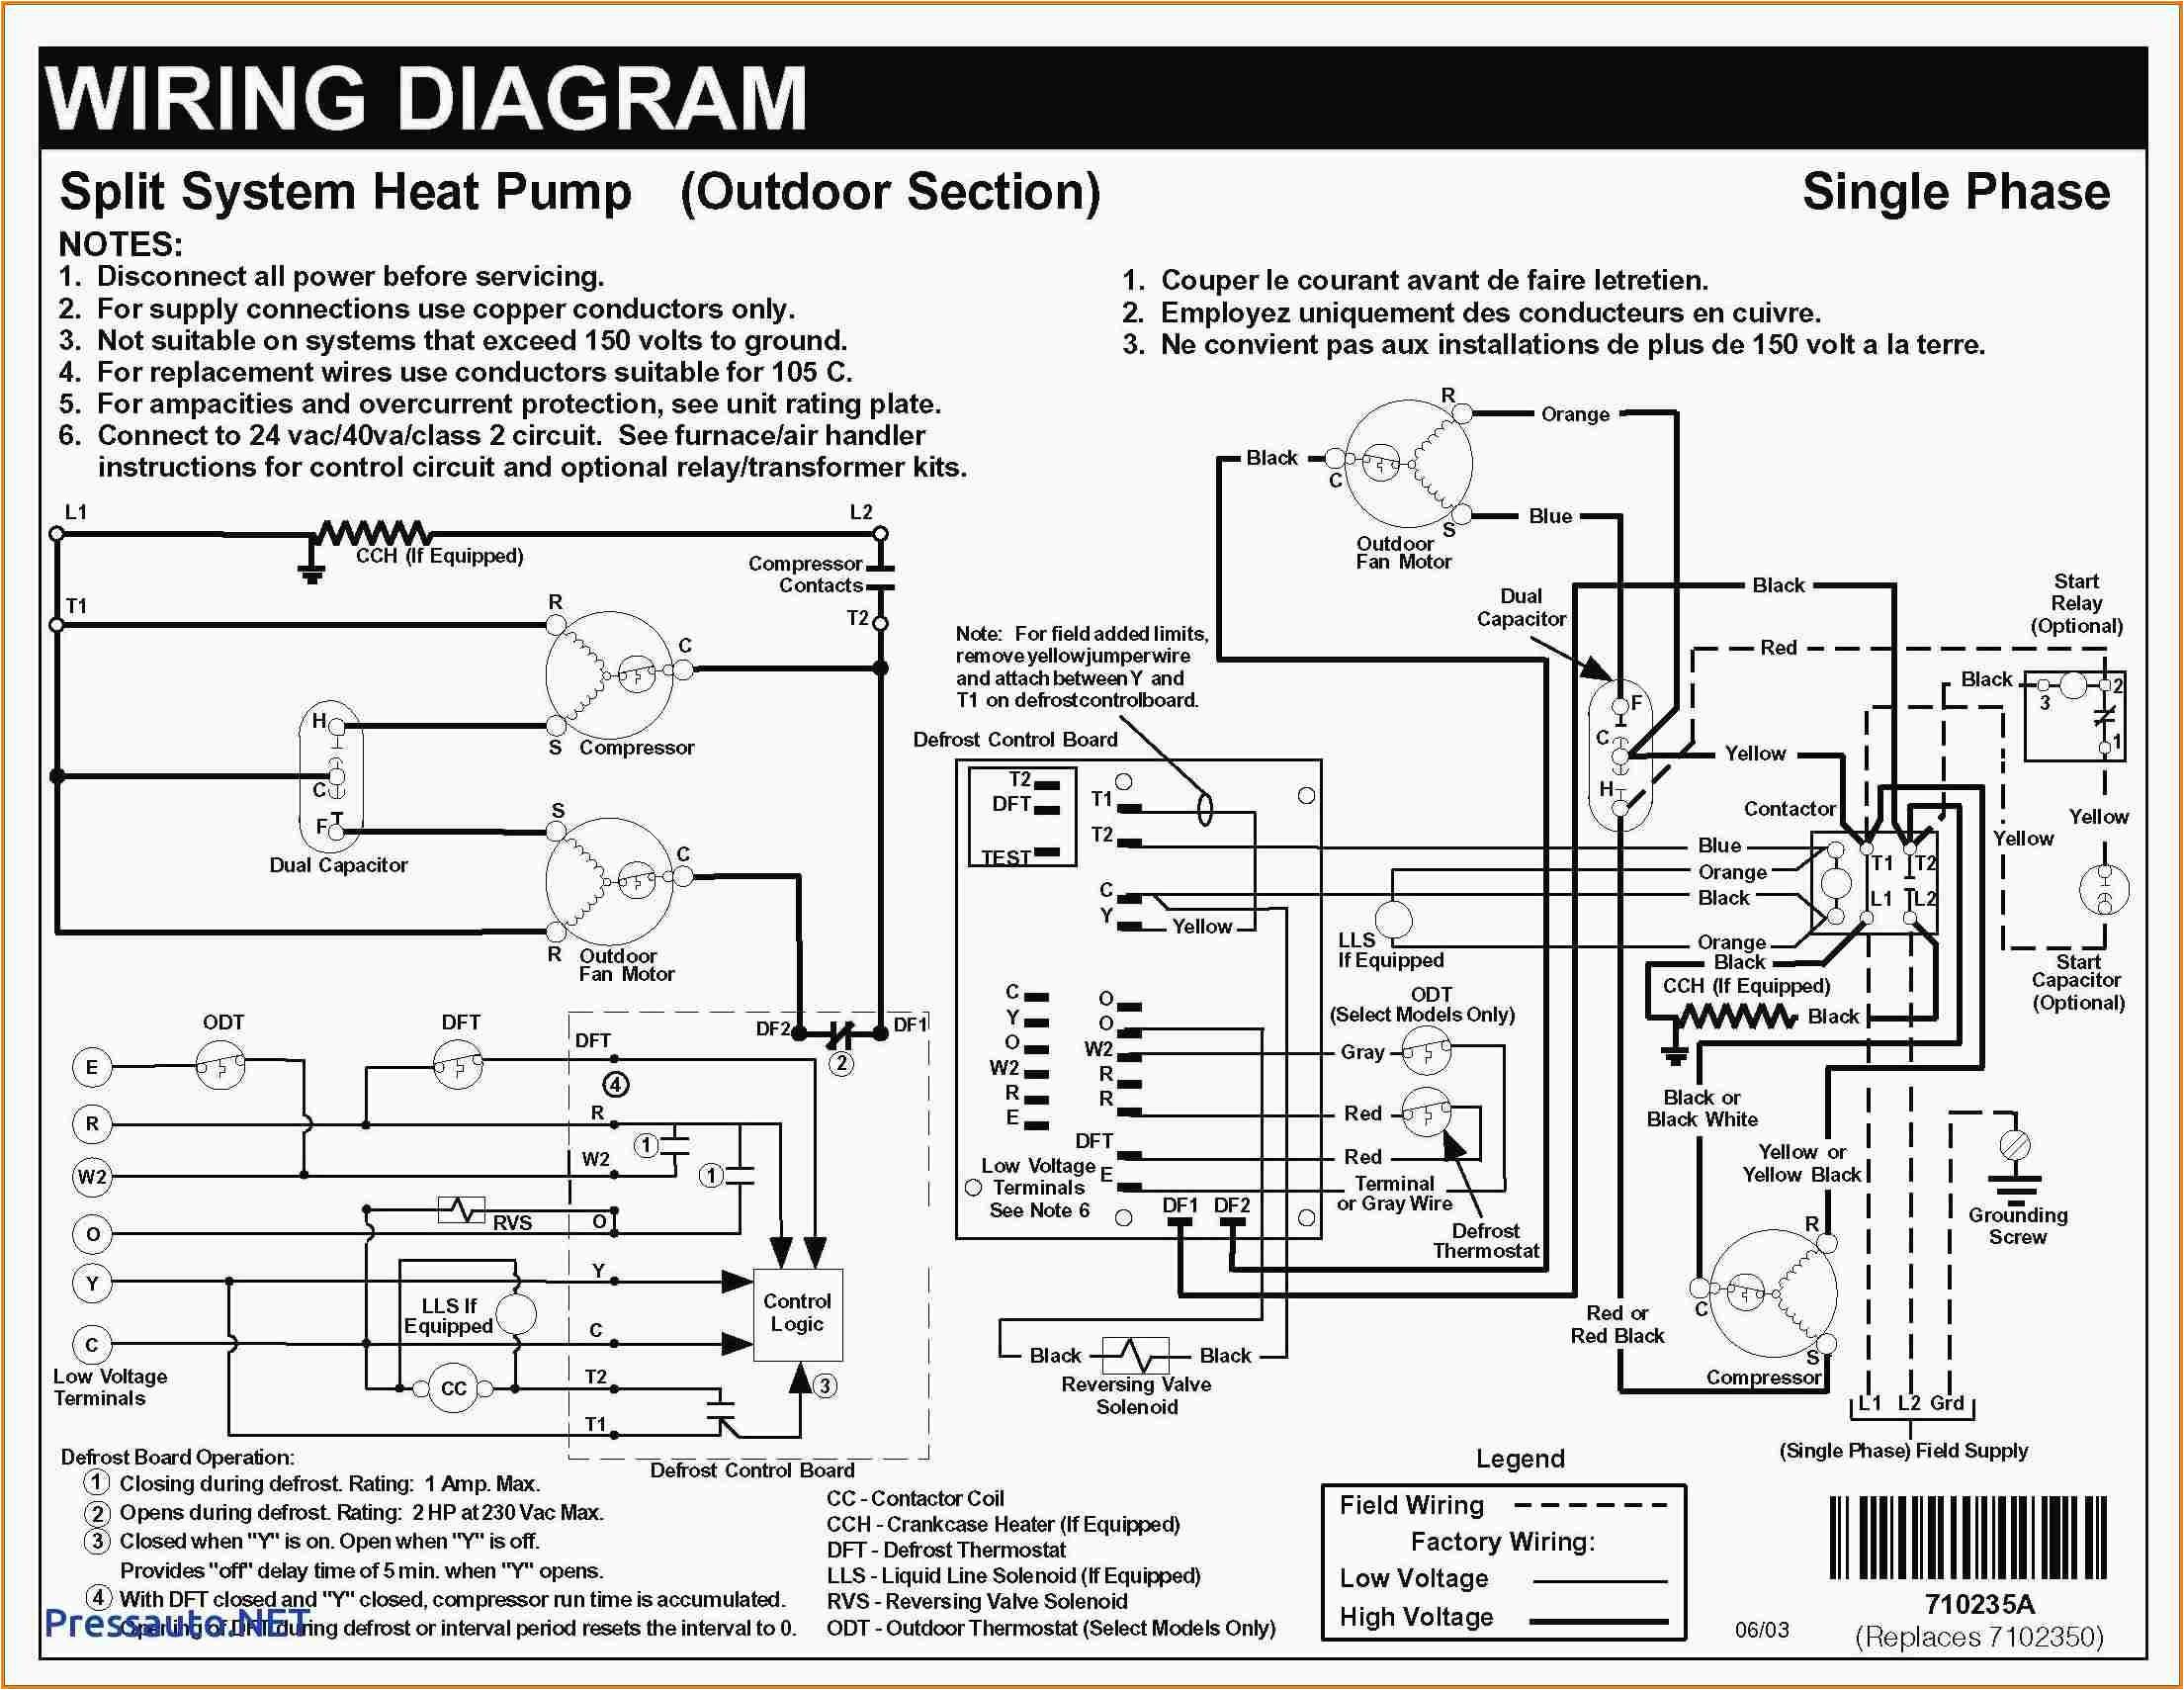 wiring diagram for rheem gas furnace best rheem heat strip wiring diagram wire center of wiring diagram for rheem gas furnace within best wiring diagram for rheem gas furnace jpg